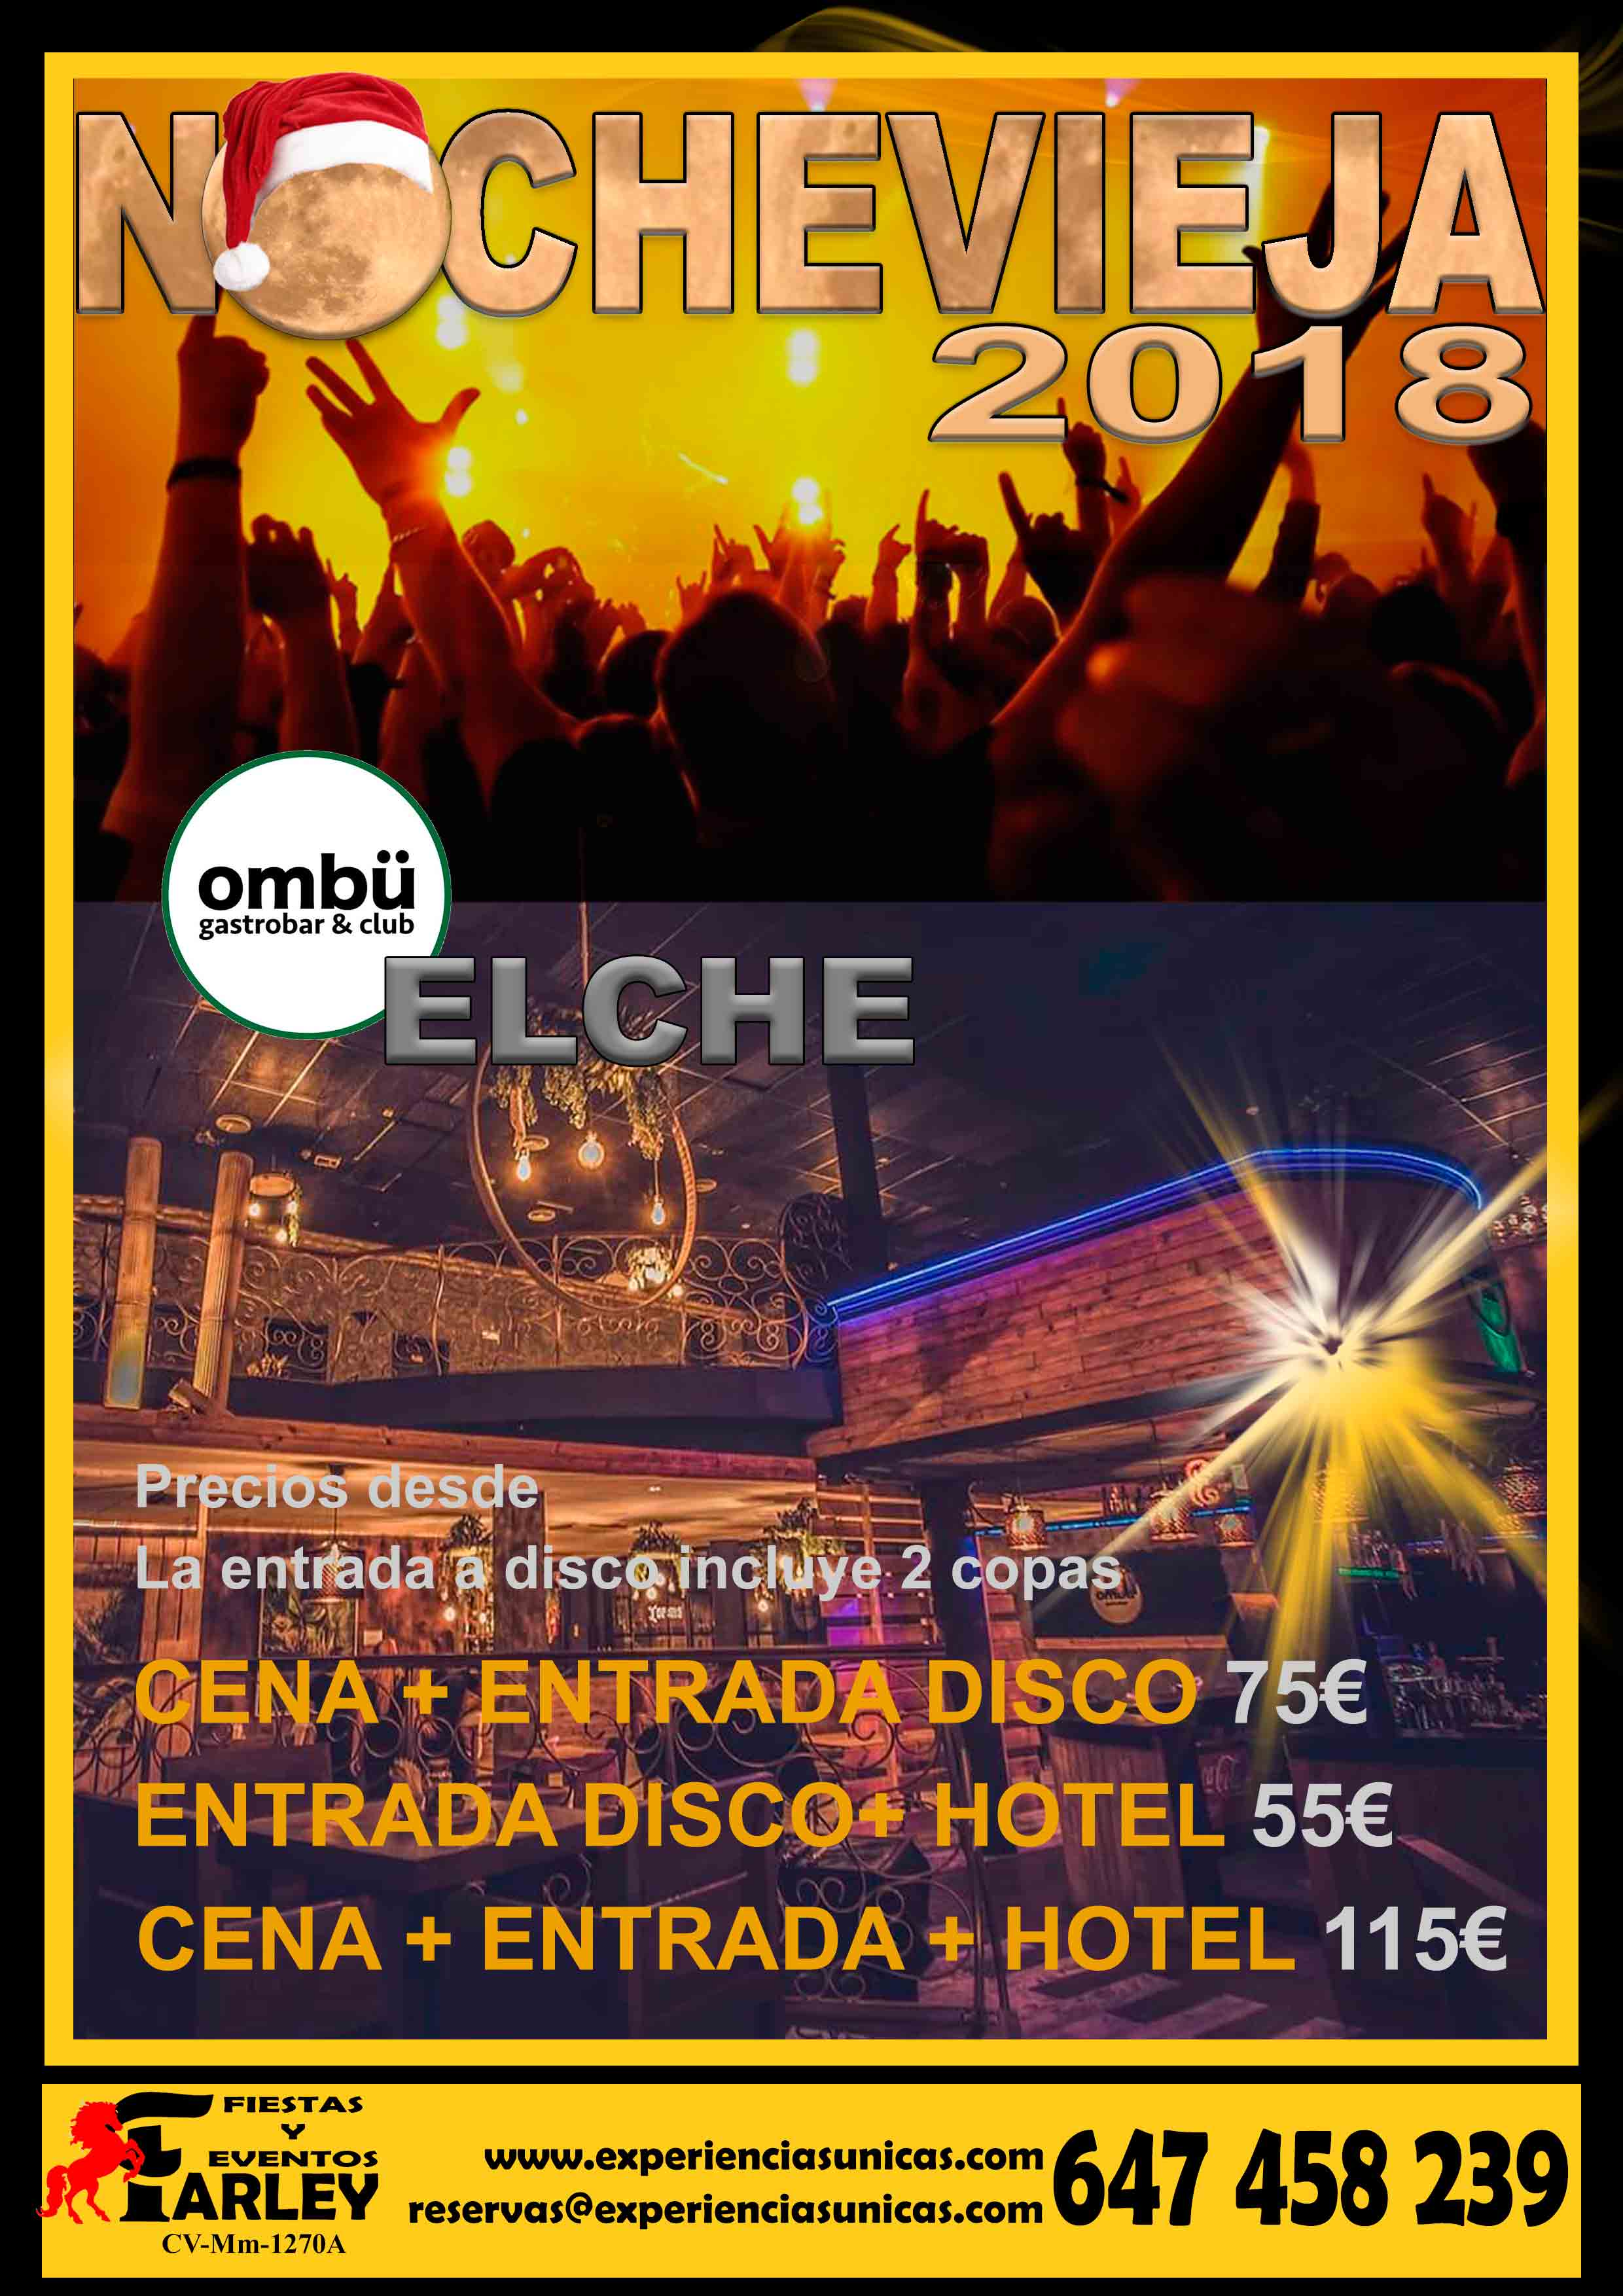 Fiesta fin de año en Elche ombü